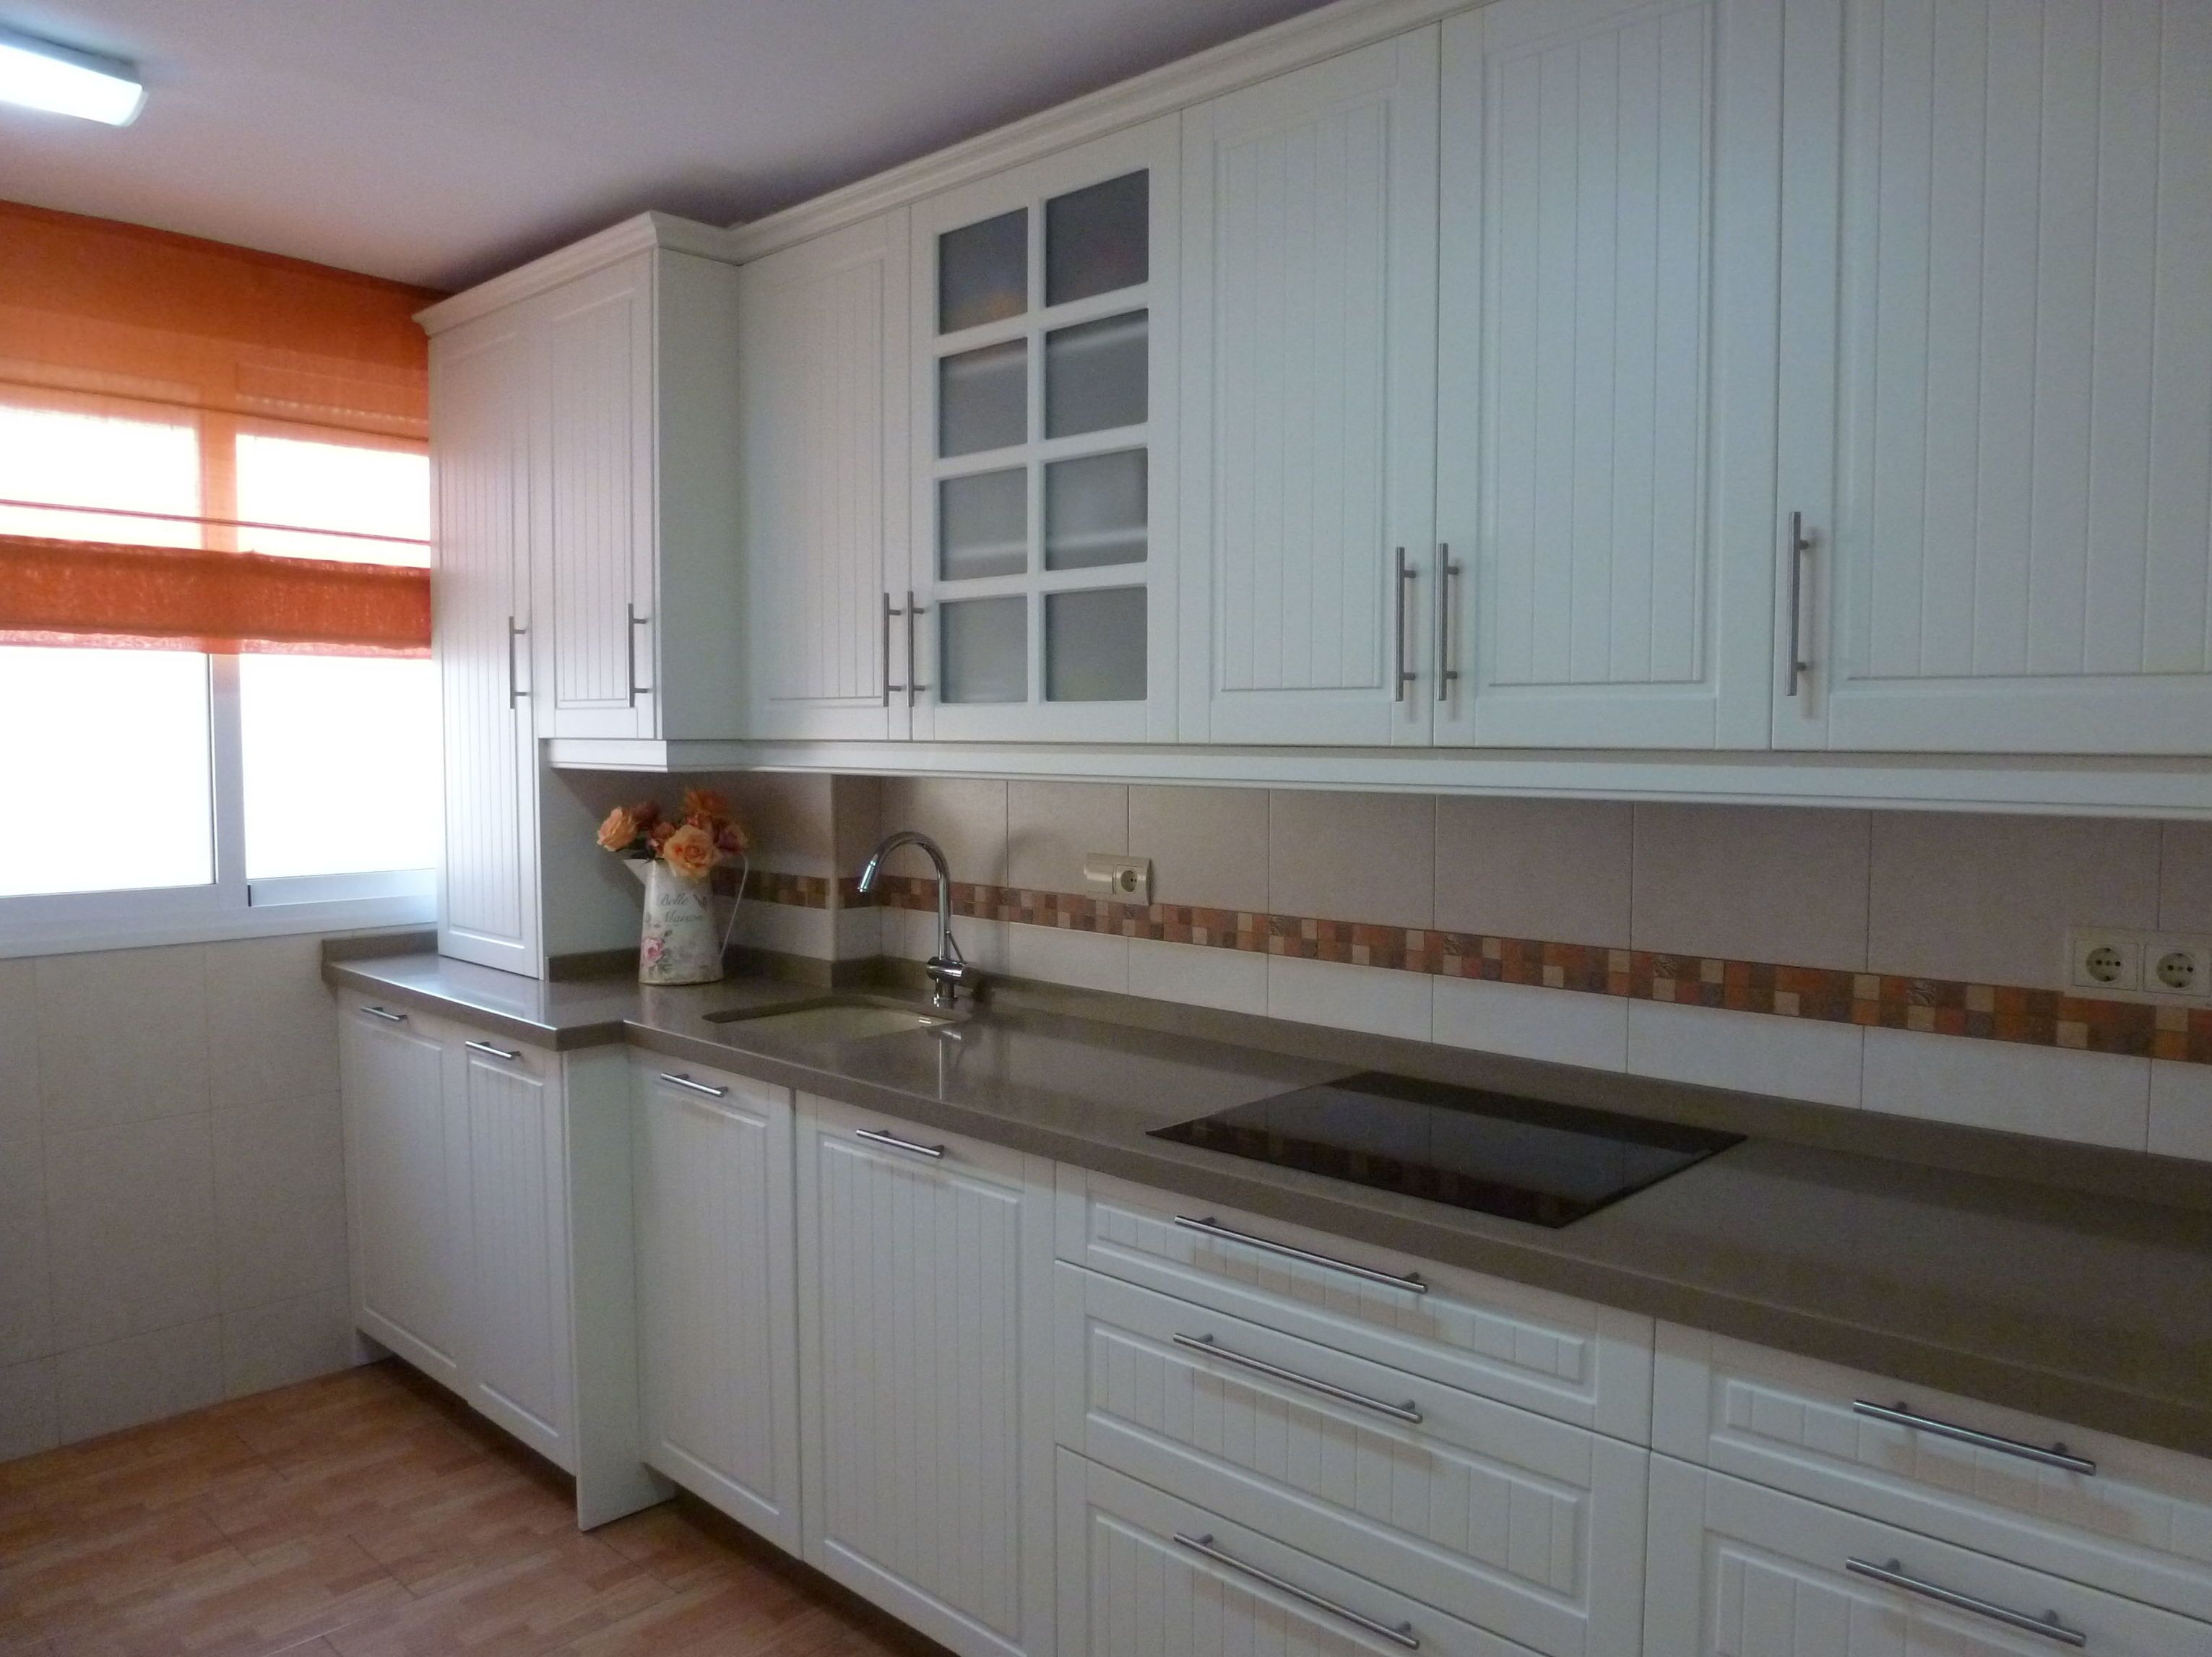 muebles de cocina en m laga mar jim nez dise o de cocinas